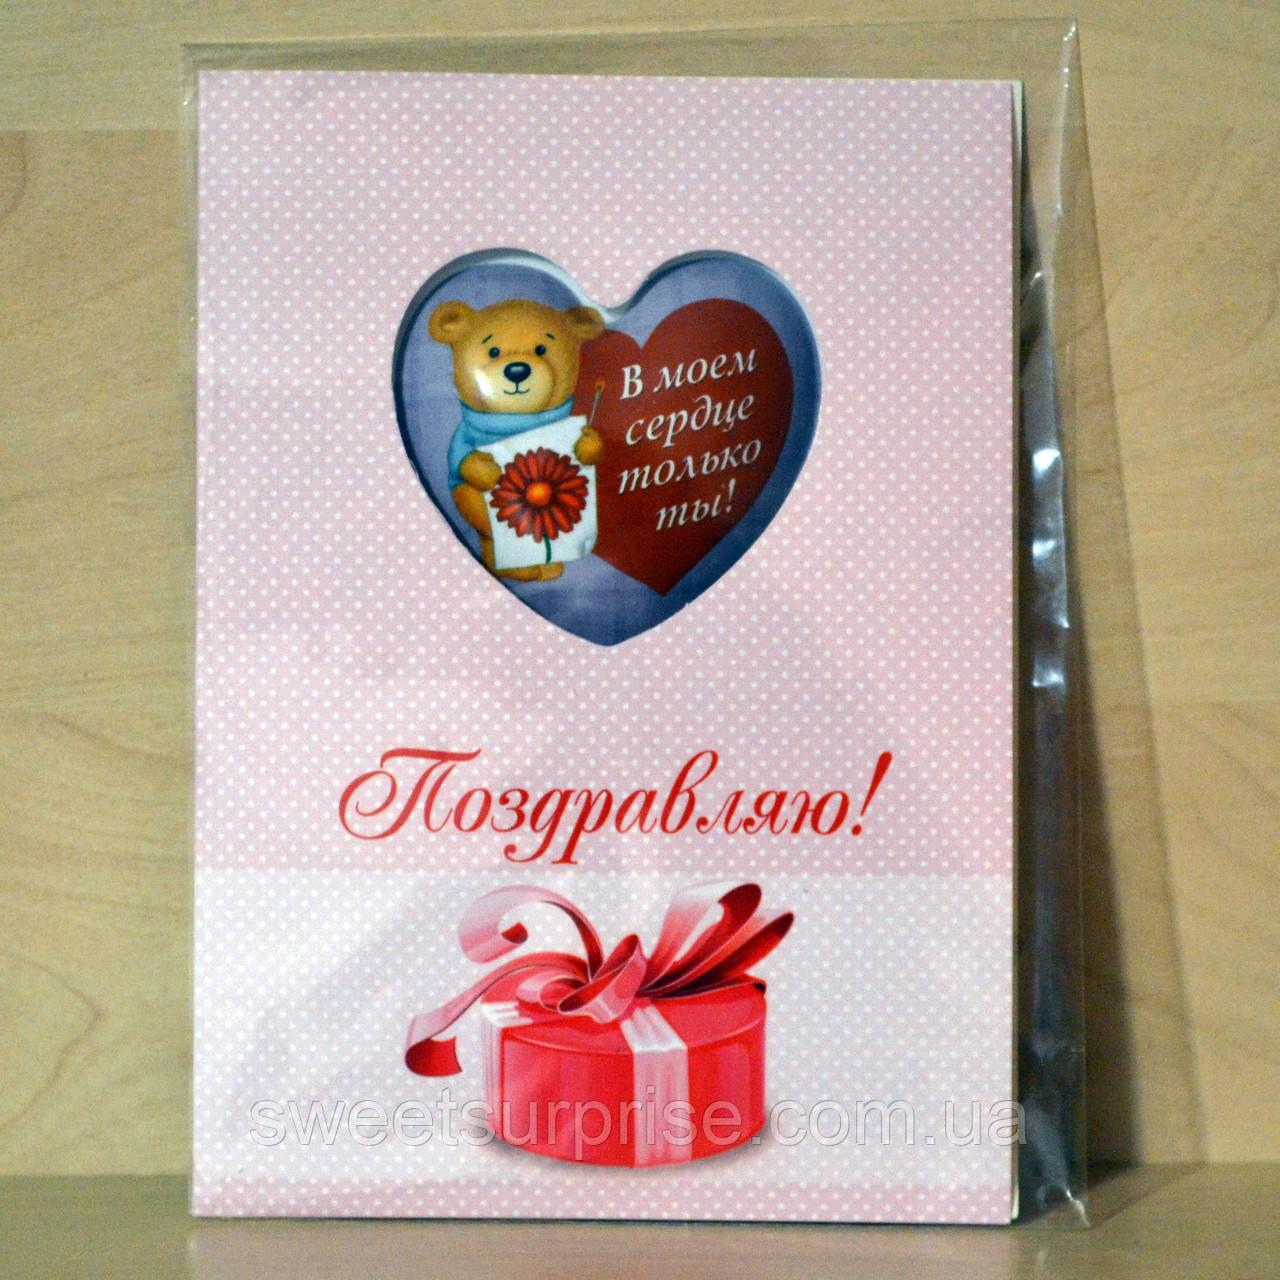 Вітальна листівка-магніт з серцем